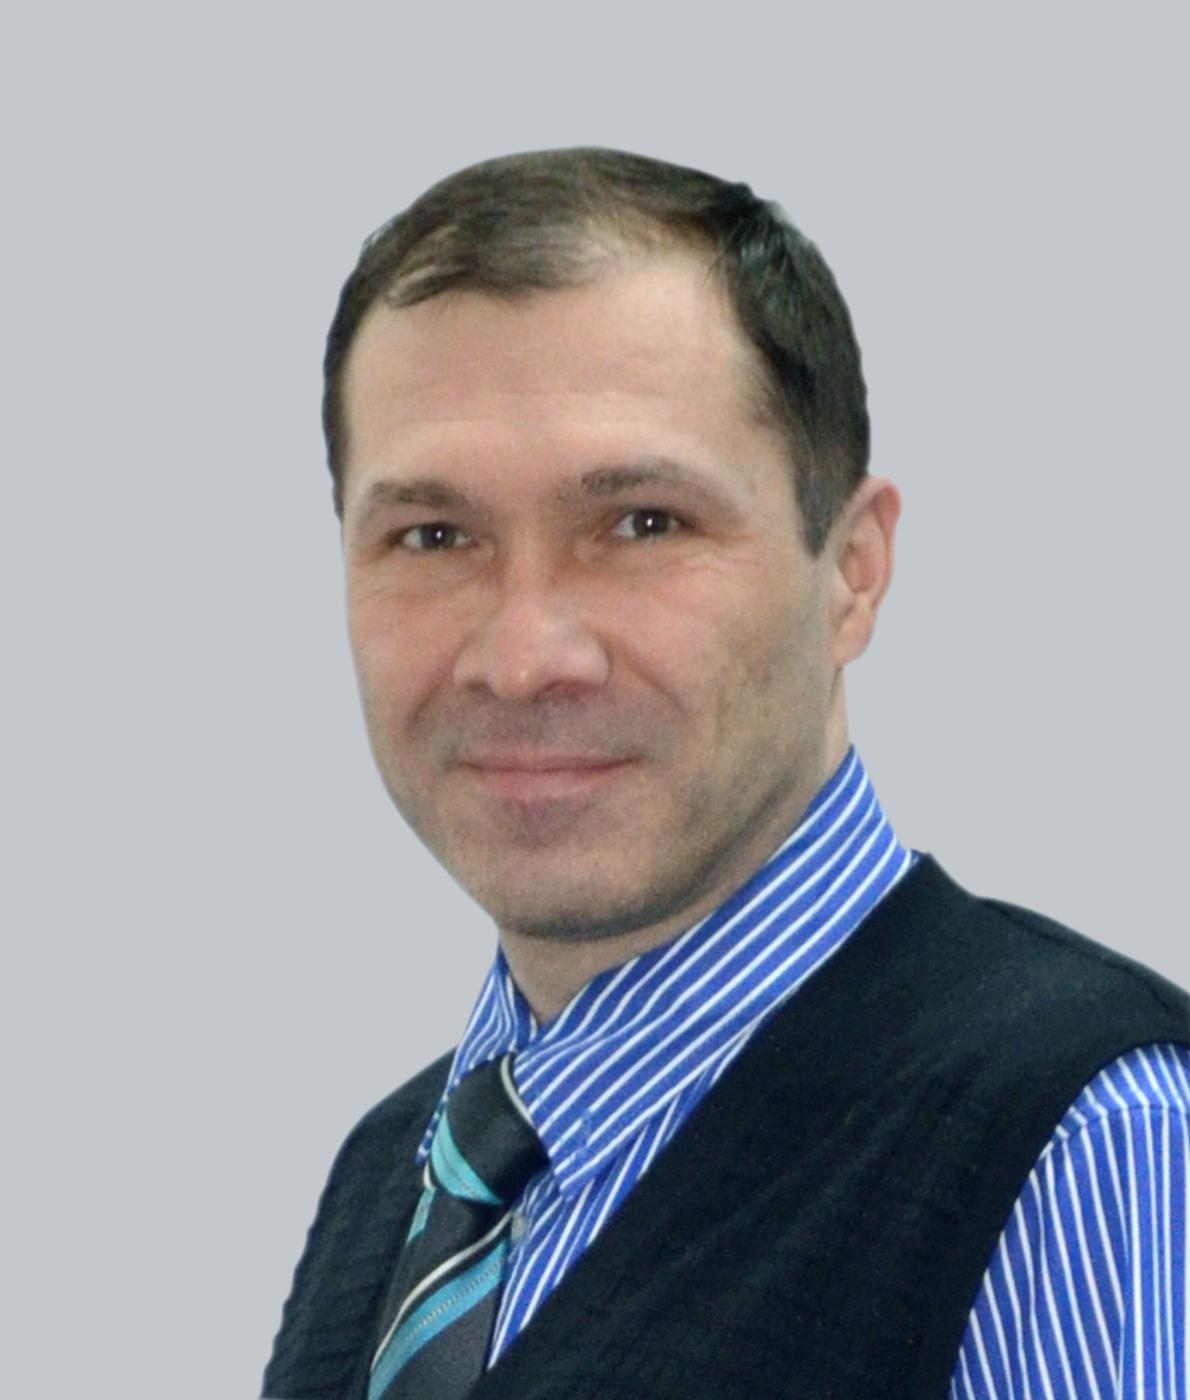 Ахмедов  Рашид Мухлисович